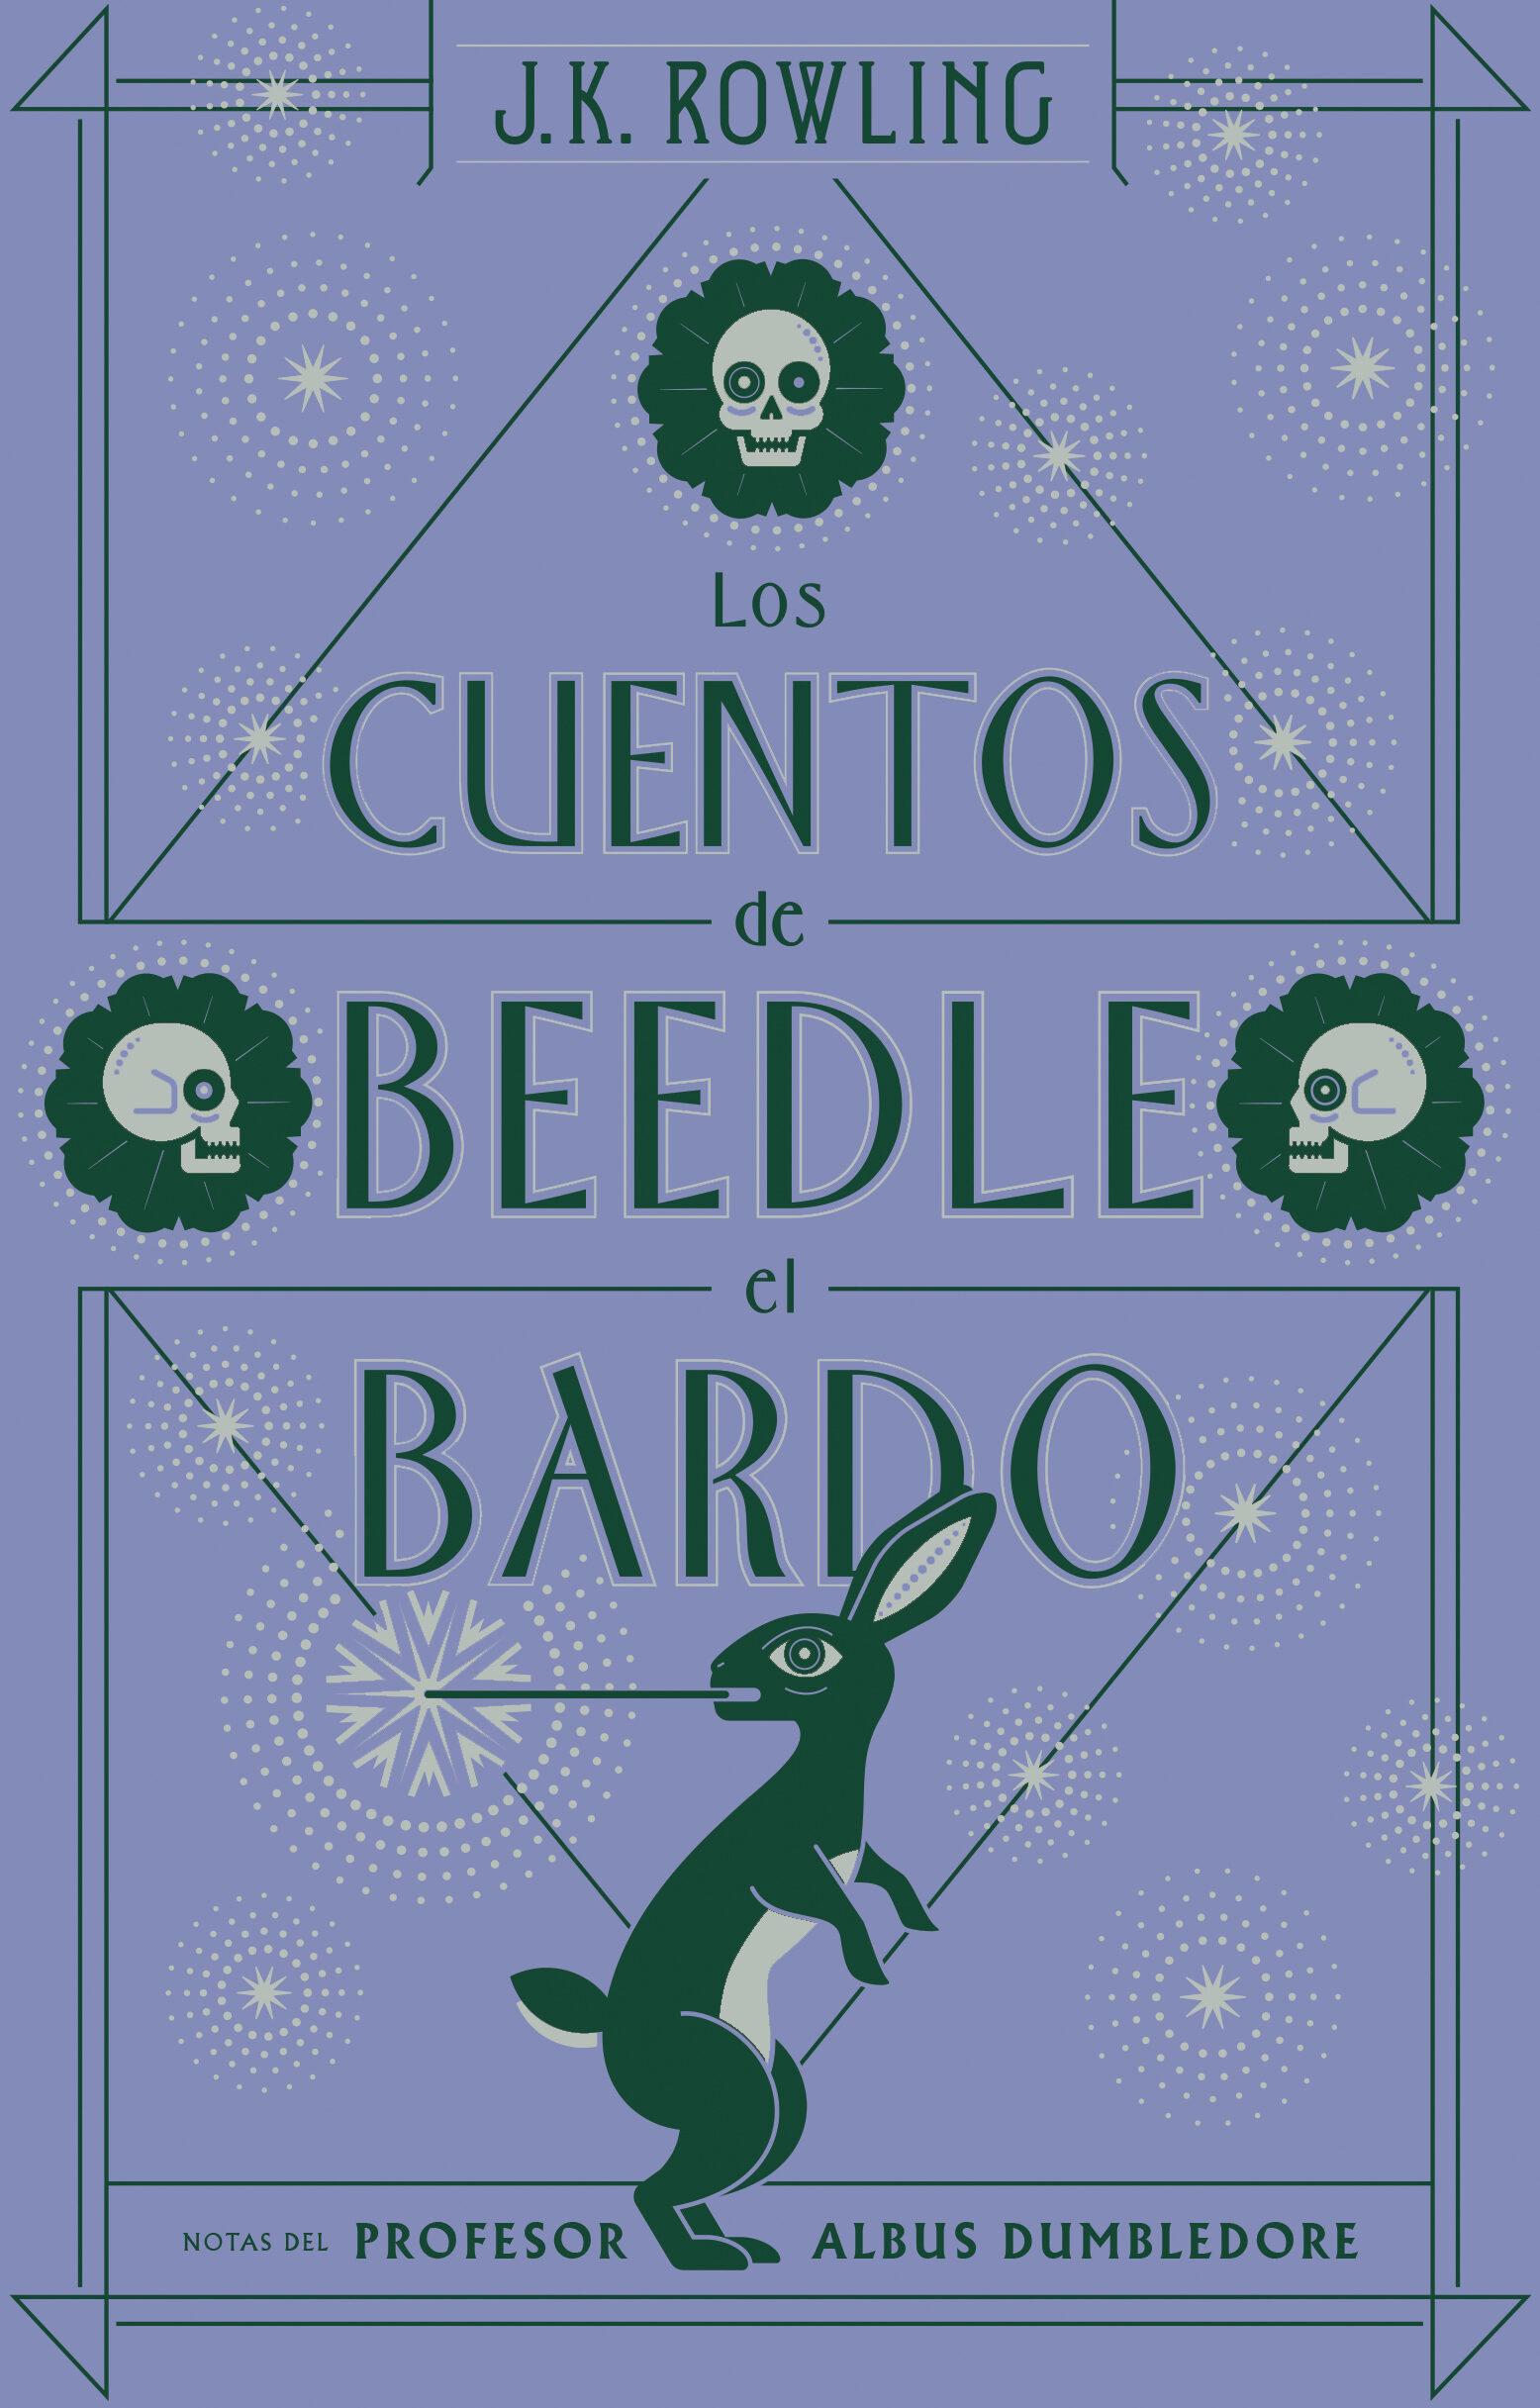 https://tintaliteratura.blogspot.com.es/2018/05/cuentos-de-beedle-el-bardo-jkrowling.html